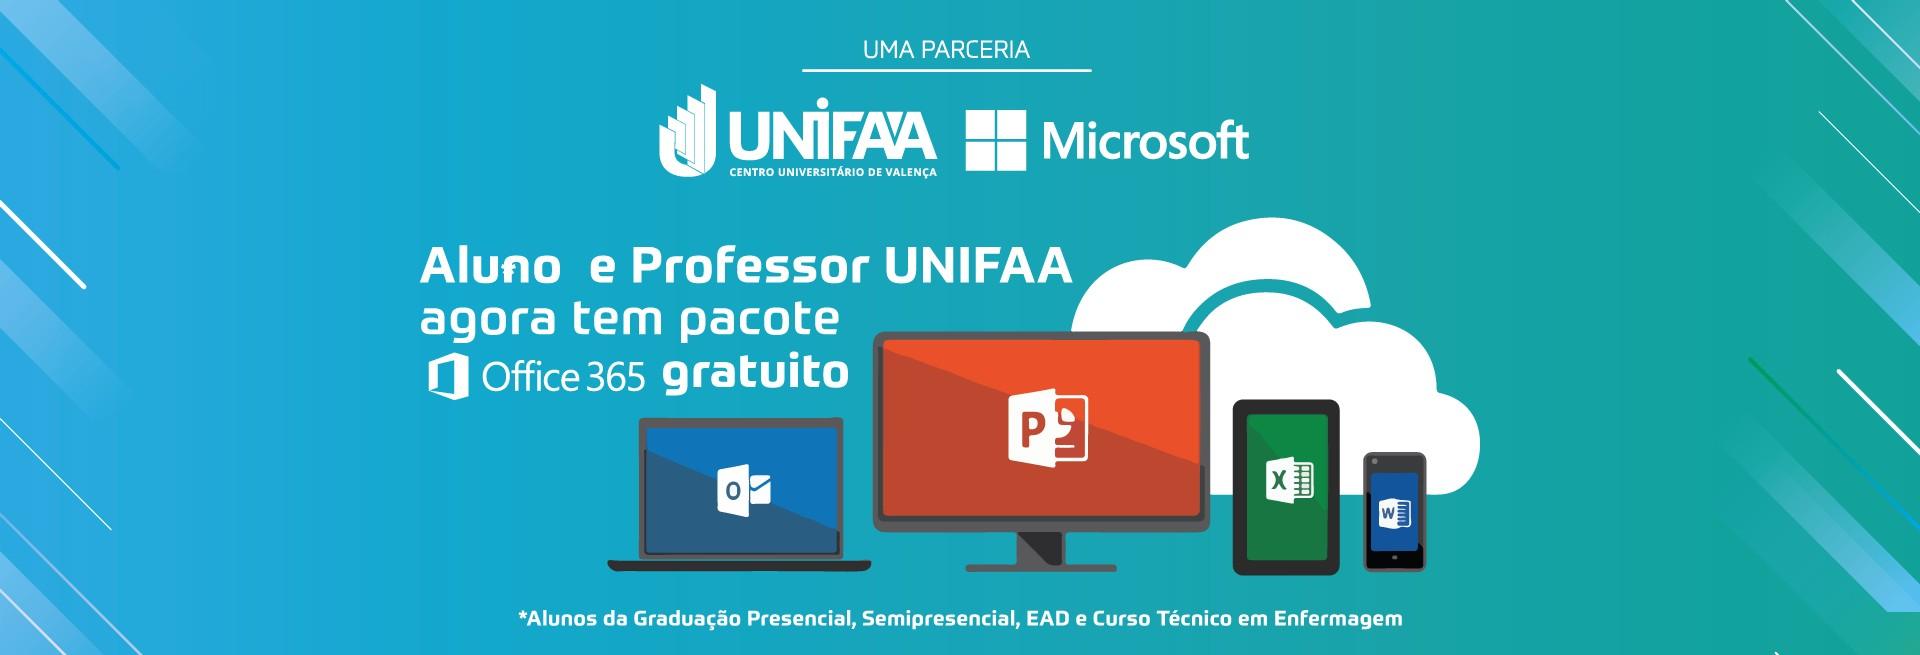 parceria unifaa e microsoft